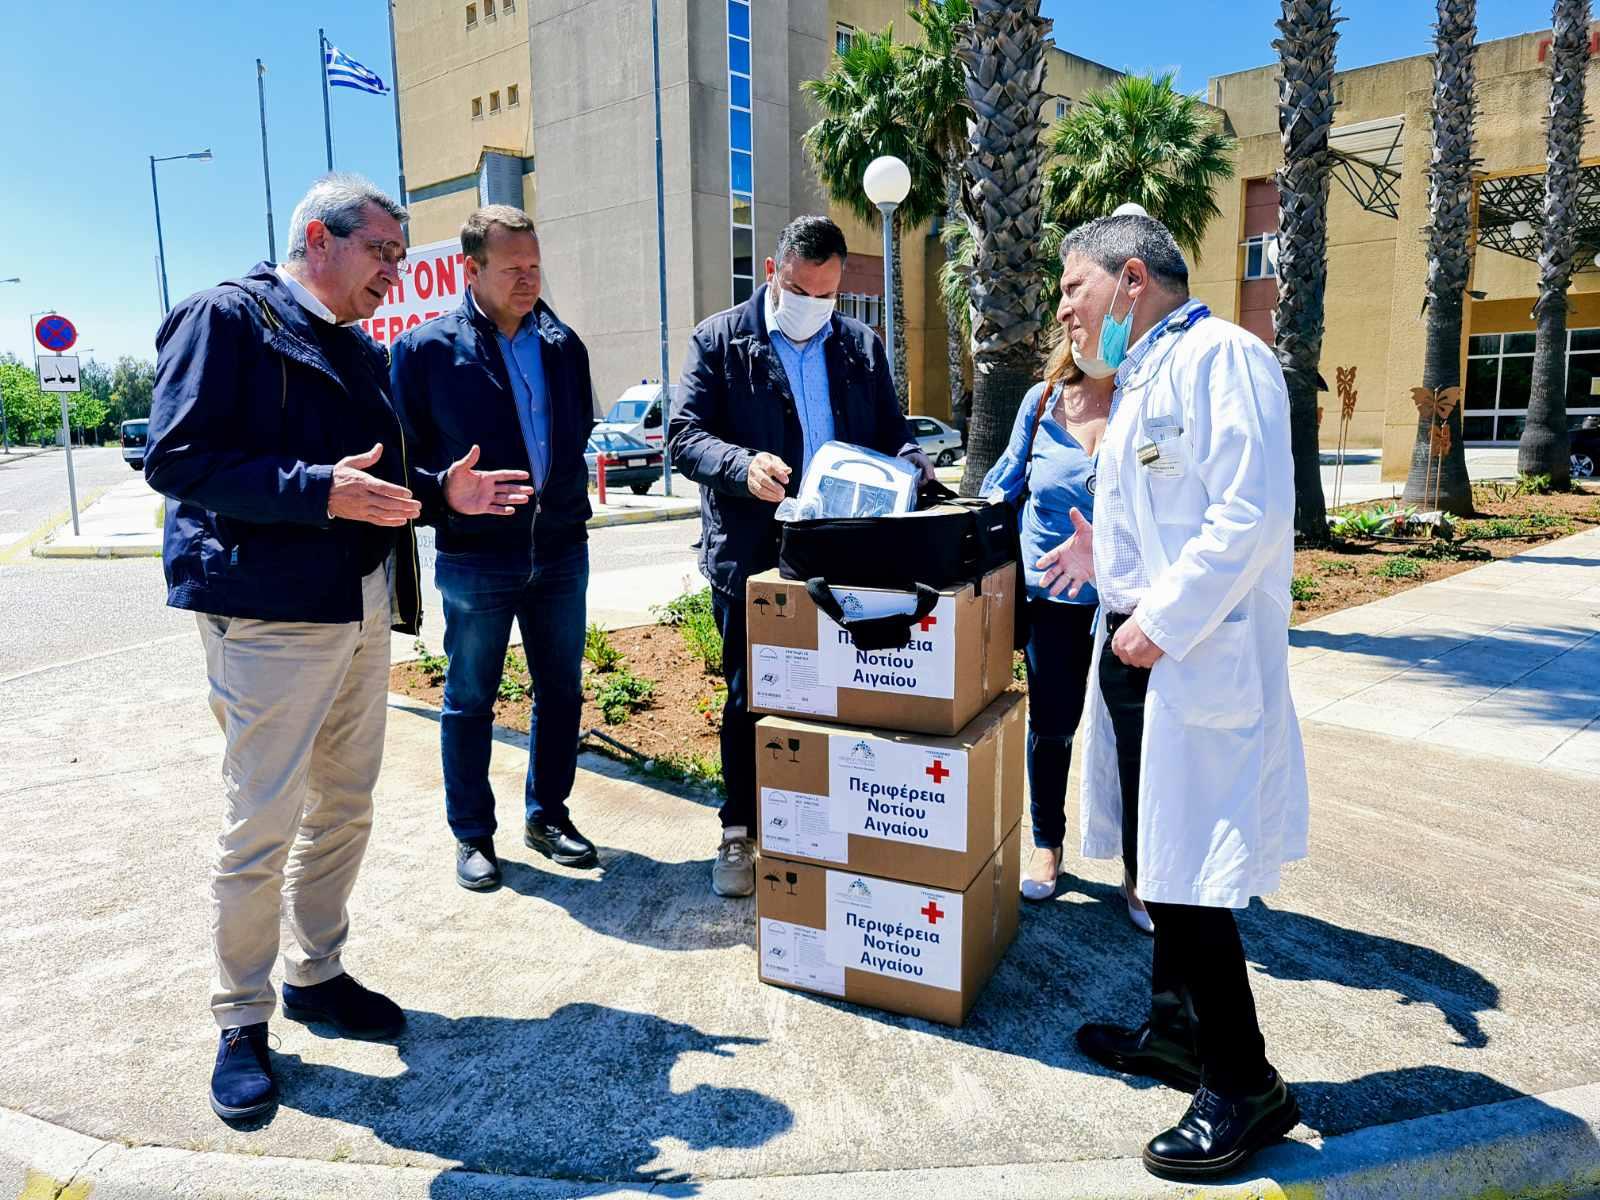 Η Περιφέρεια Νοτίου Αιγαίου παρέδωσε χθες τρεις σύγχρονους αναπνευστήρες στο Νοσοκομείο Ρόδου